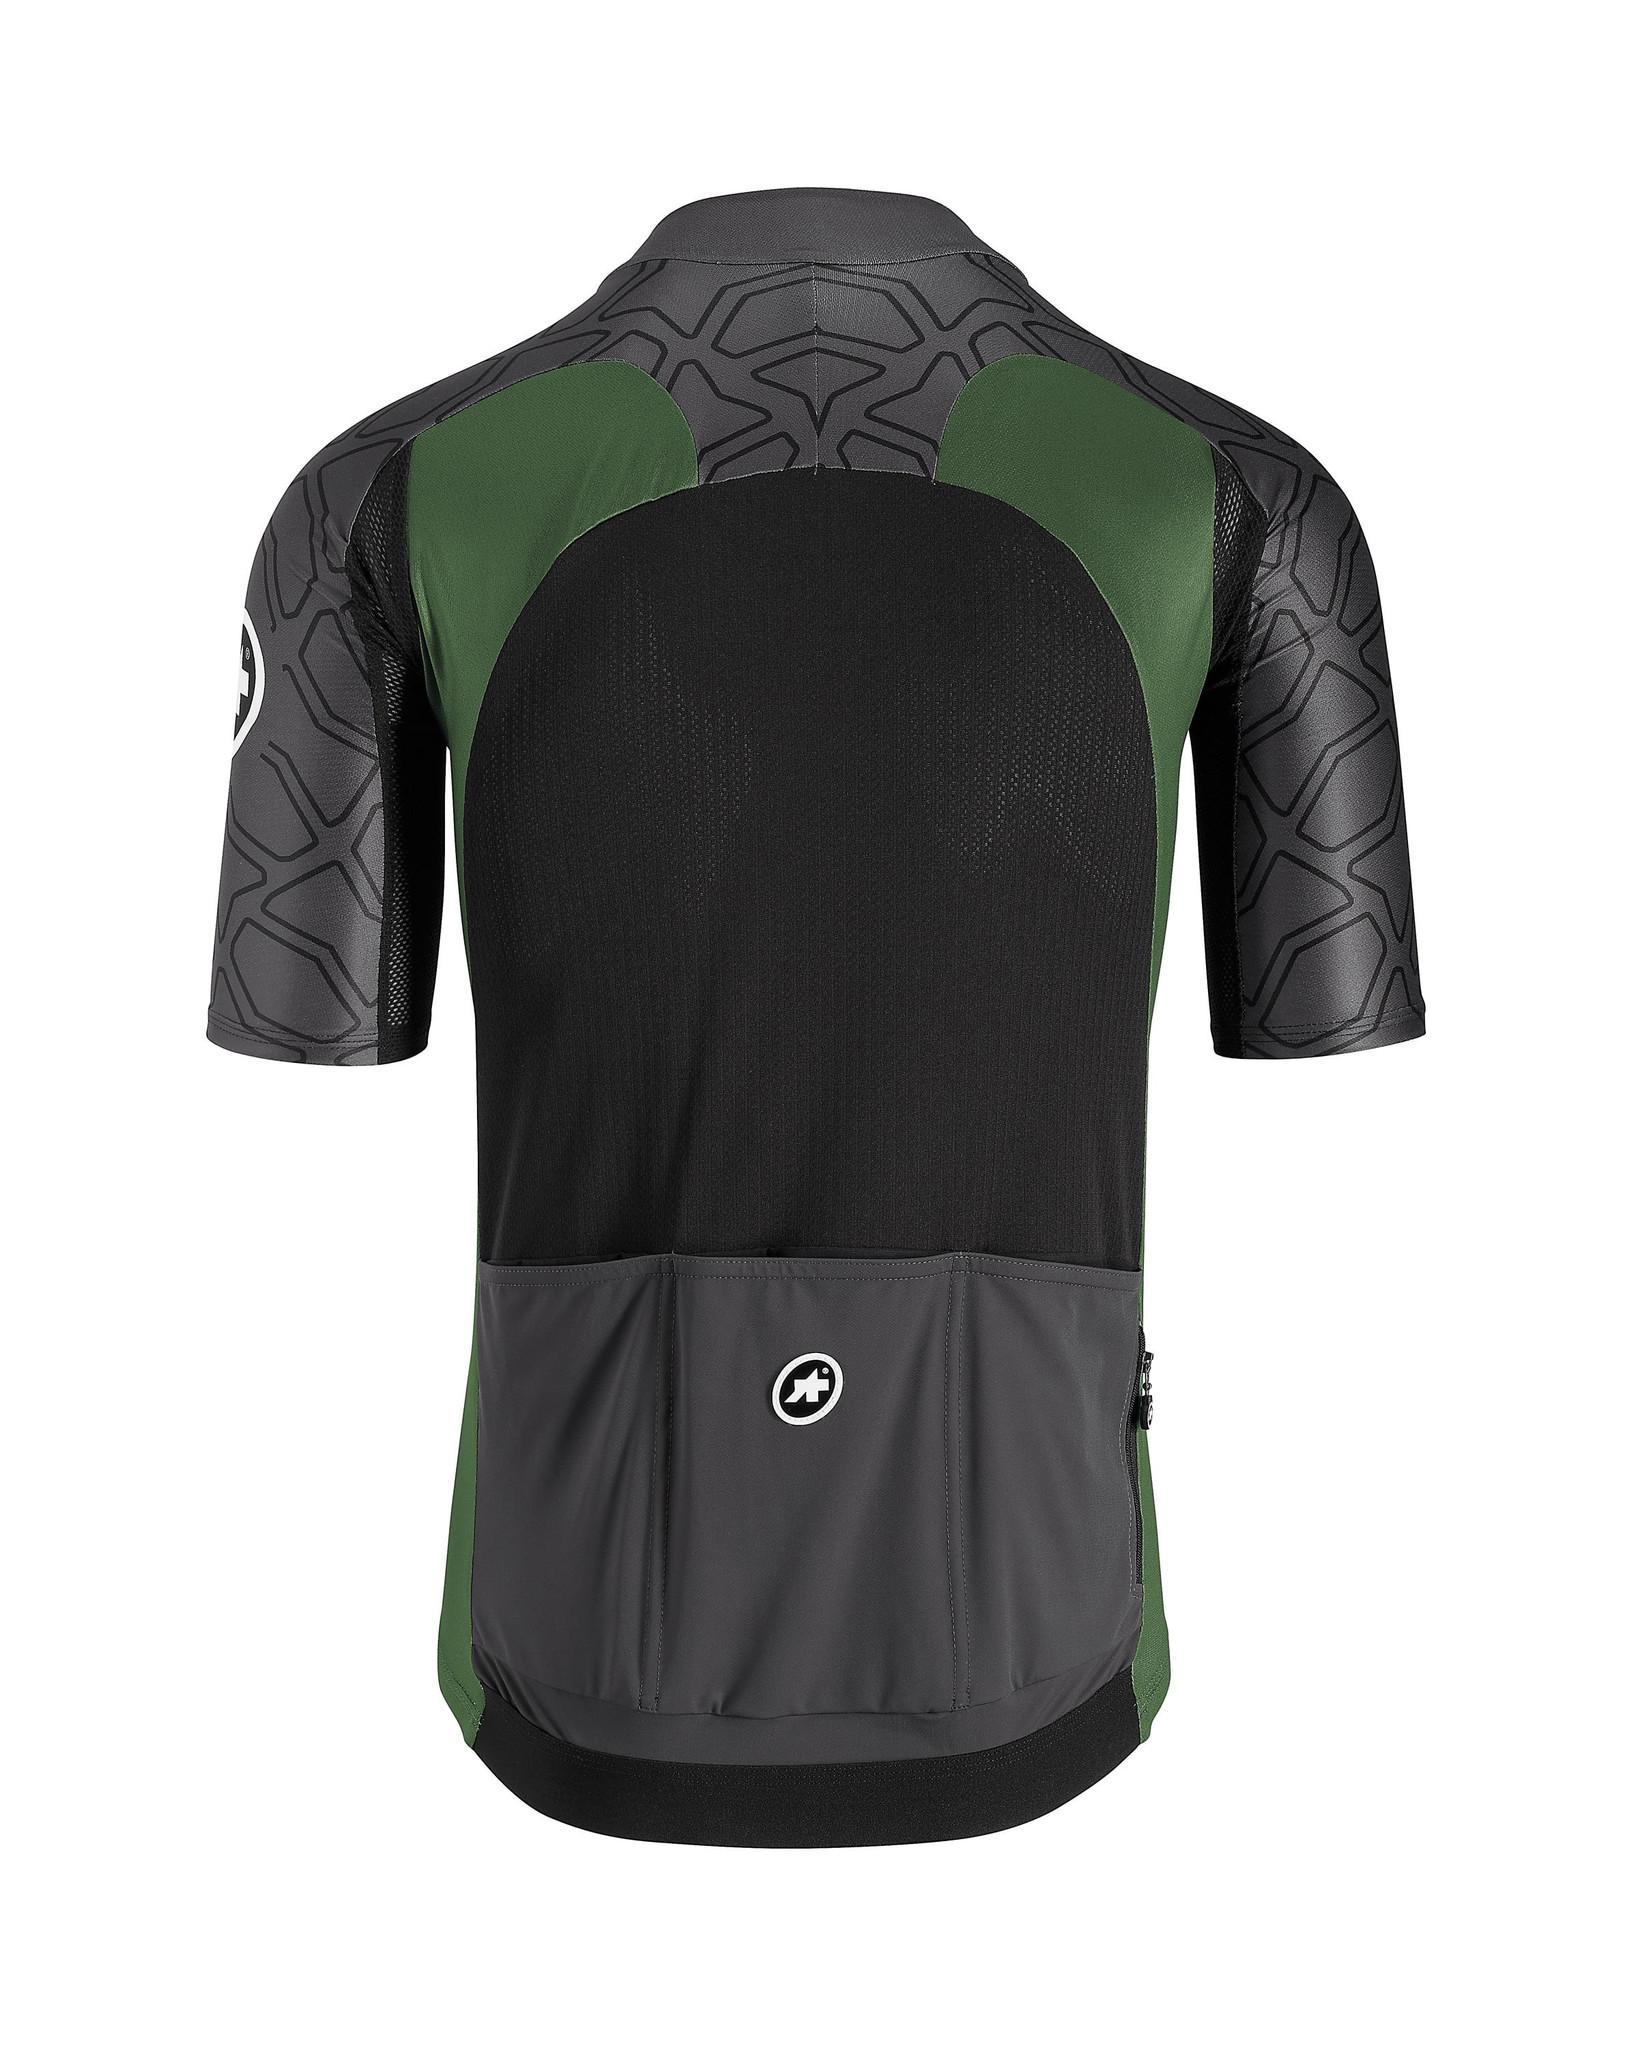 Assos Assos XC Shortsleeve jersey MTB Shirt Groen